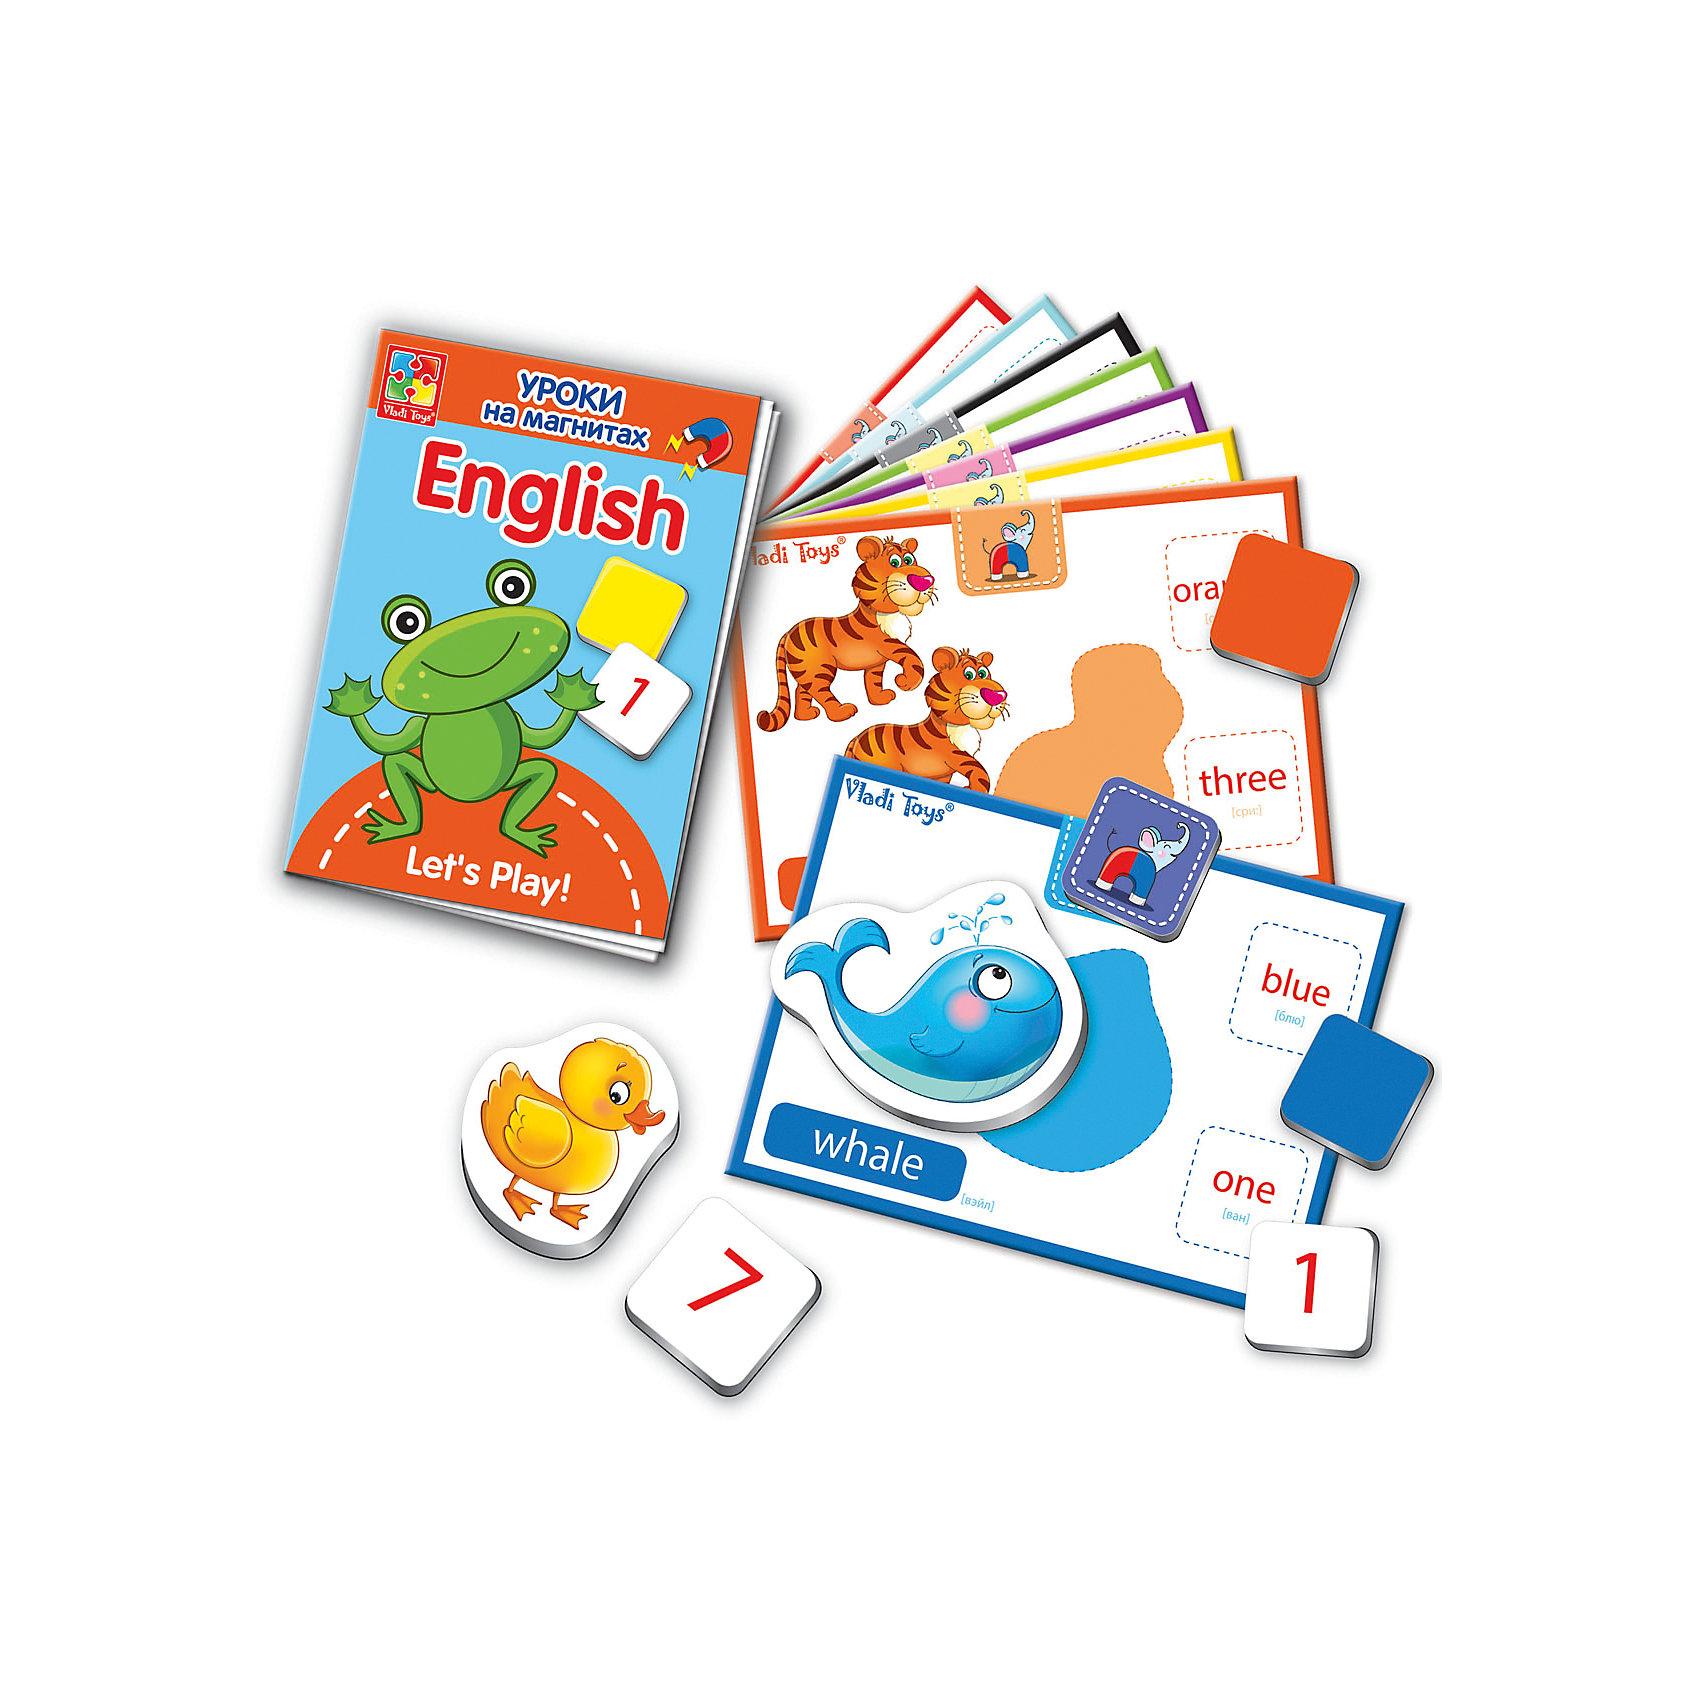 Уроки на магнитах English Животные, Vladi ToysХарактеристики:<br><br>• Вид игр: обучающие, развивающие<br>• Серия: обучающие магниты<br>• Пол: универсальный<br>• Материал: картон, магнит<br>• Цвет: голубой, красный, оранжевый, зеленый, желтый и др.<br>• Комплектация: 32 мягких магнитов, 10 карточек с заданиями, брошюра-пособие<br>• Размеры упаковки (Д*Ш*В): 16*6*19,5 см<br>• Тип упаковки: картонная коробка<br>• Вес в упаковке: 544 г<br>• Предусмотрено несколько вариантов игр<br>• Возможность вариации заданий по сложности <br><br>Уроки на магнитах English Животные, Vladi Toys, производителем которых является компания, специализирующаяся на выпуске развивающих игр, давно уже стали популярными среди аналогичной продукции. Уроки на магнитах English Животные, Vladi Toys отличаются комплексным подходом к освоению иностранного языка: в них предусмотрены игры и задания разного уровня сложности на три тематические темы: животные, цвета и цифры. Все магниты-карточки отличаются яркостью красок и наглядностью. При производстве карточек использованы только экологически безопасные материалы, которые не вызывают аллергии и не имеют запаха. Набор состоит из 32 магнитов, 10 карточек с заданиями. В комплекте предусмотрено пособие с разноуровневыми заданиями.<br>Занятия с уроками на магнитах English Животные, Vladi Toys позволят в легкой игровой форме выучить английские названия животных, цветов и цифр.<br><br>Уроки на магнитах English Животные, Vladi Toys можно купить в нашем интернет-магазине.<br><br>Ширина мм: 160<br>Глубина мм: 60<br>Высота мм: 195<br>Вес г: 544<br>Возраст от месяцев: 24<br>Возраст до месяцев: 84<br>Пол: Унисекс<br>Возраст: Детский<br>SKU: 5136108